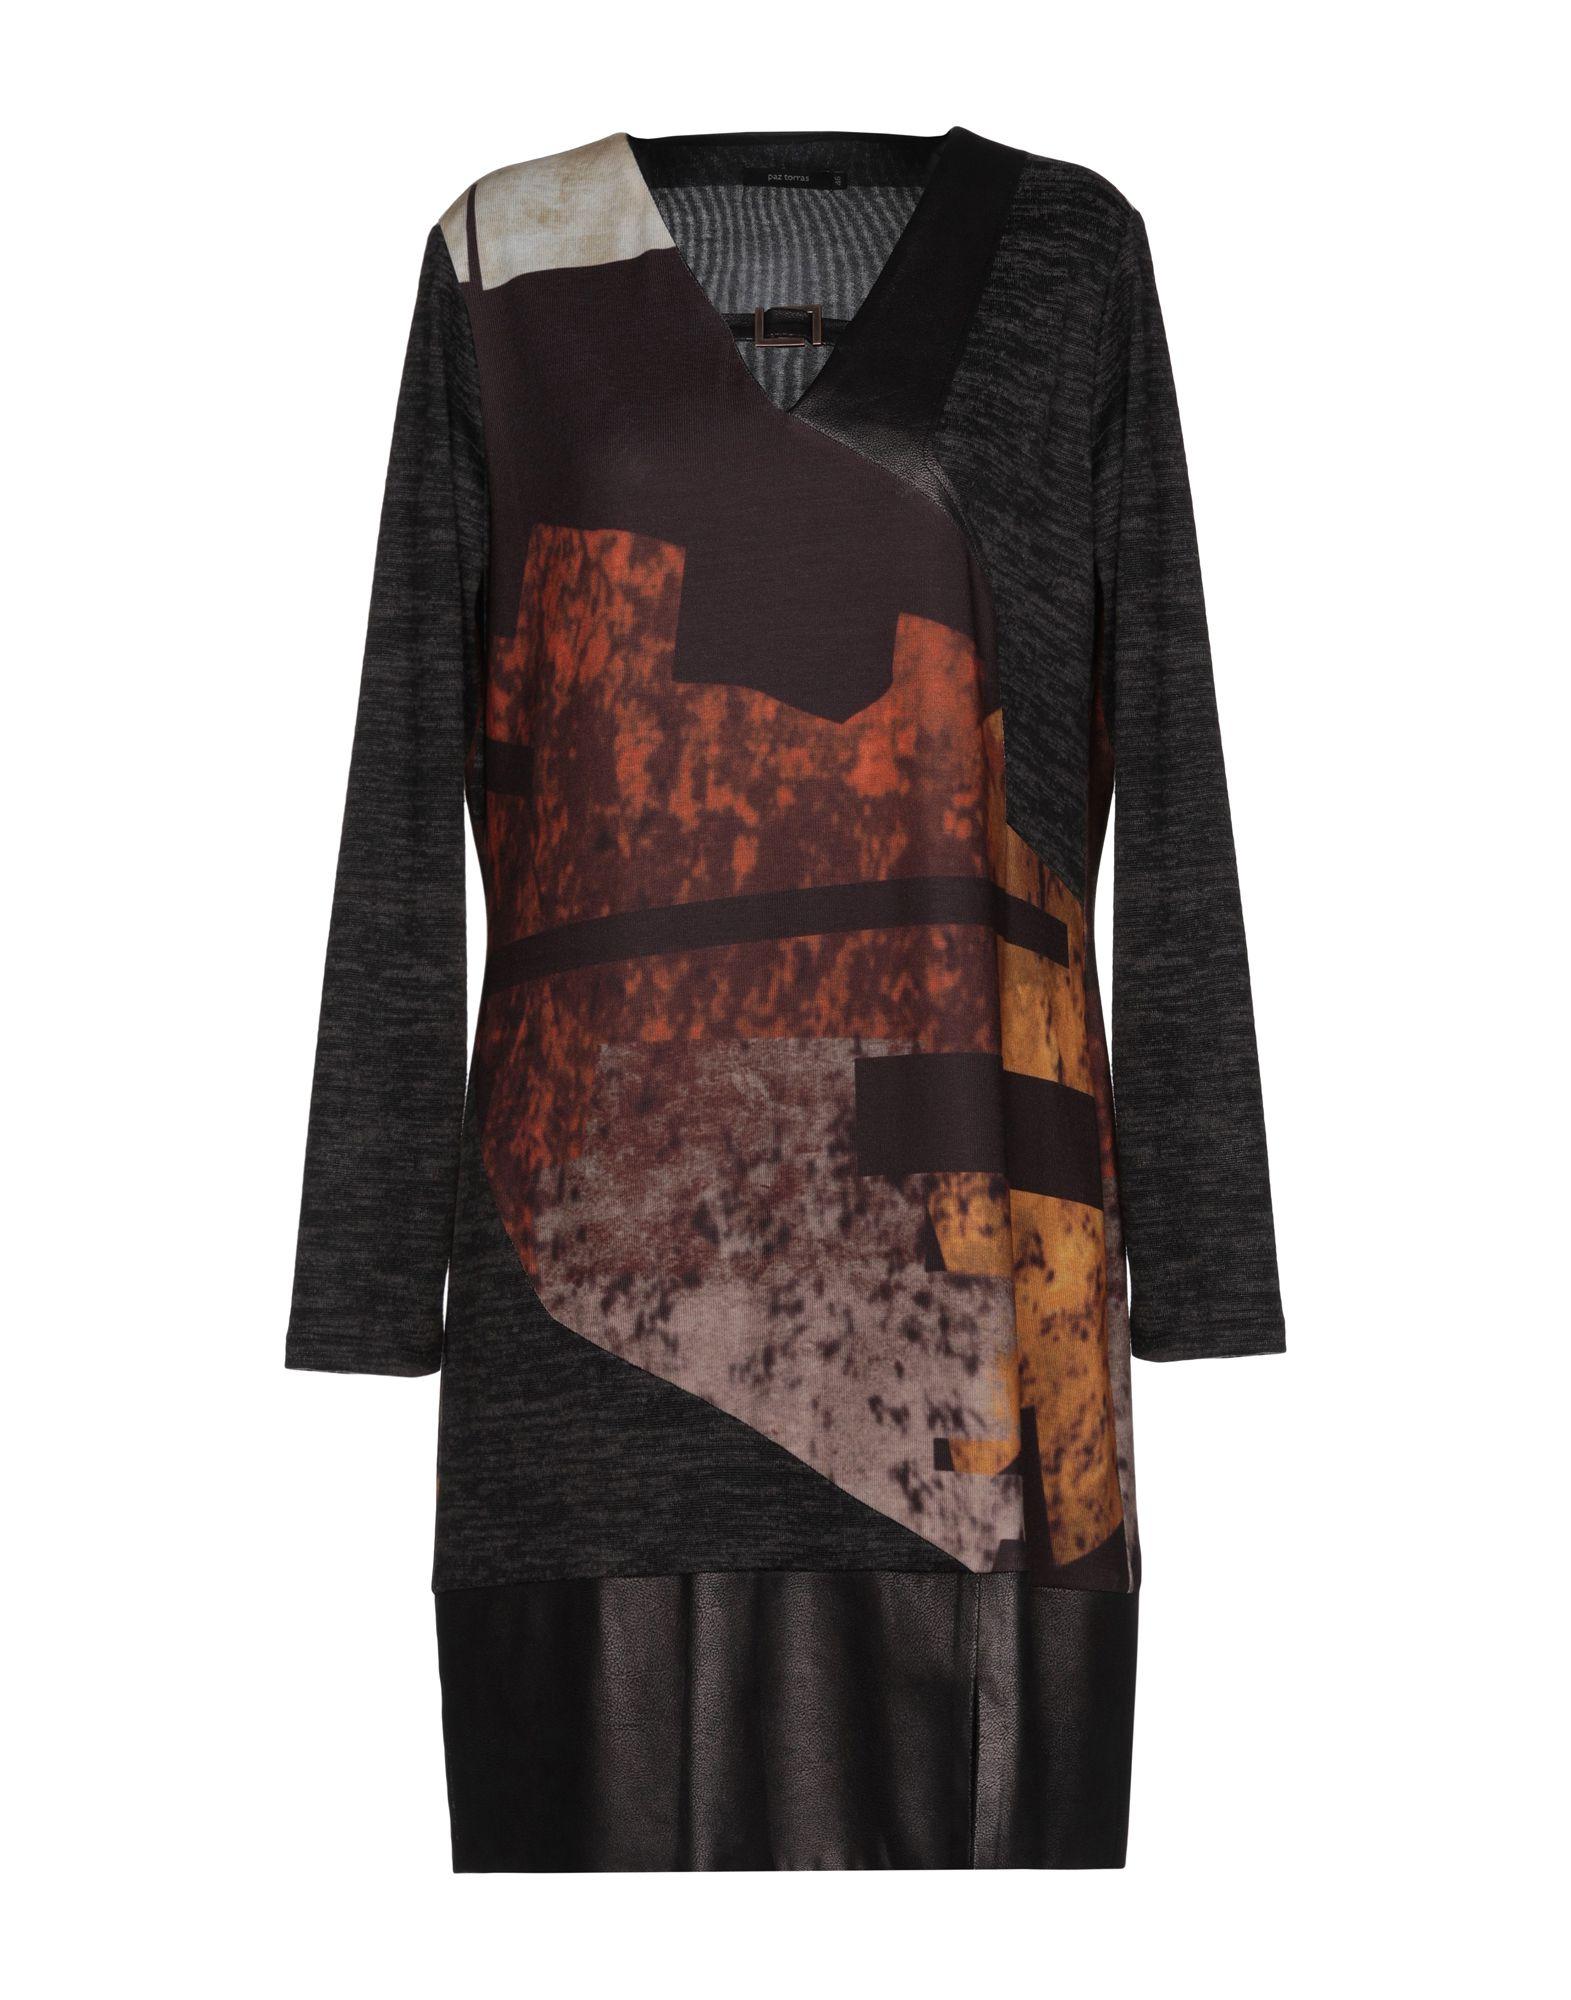 《送料無料》PAZ TORRAS レディース ミニワンピース&ドレス ダークブラウン 46 ポリエステル 93% / ポリウレタン 4% / レーヨン 3%